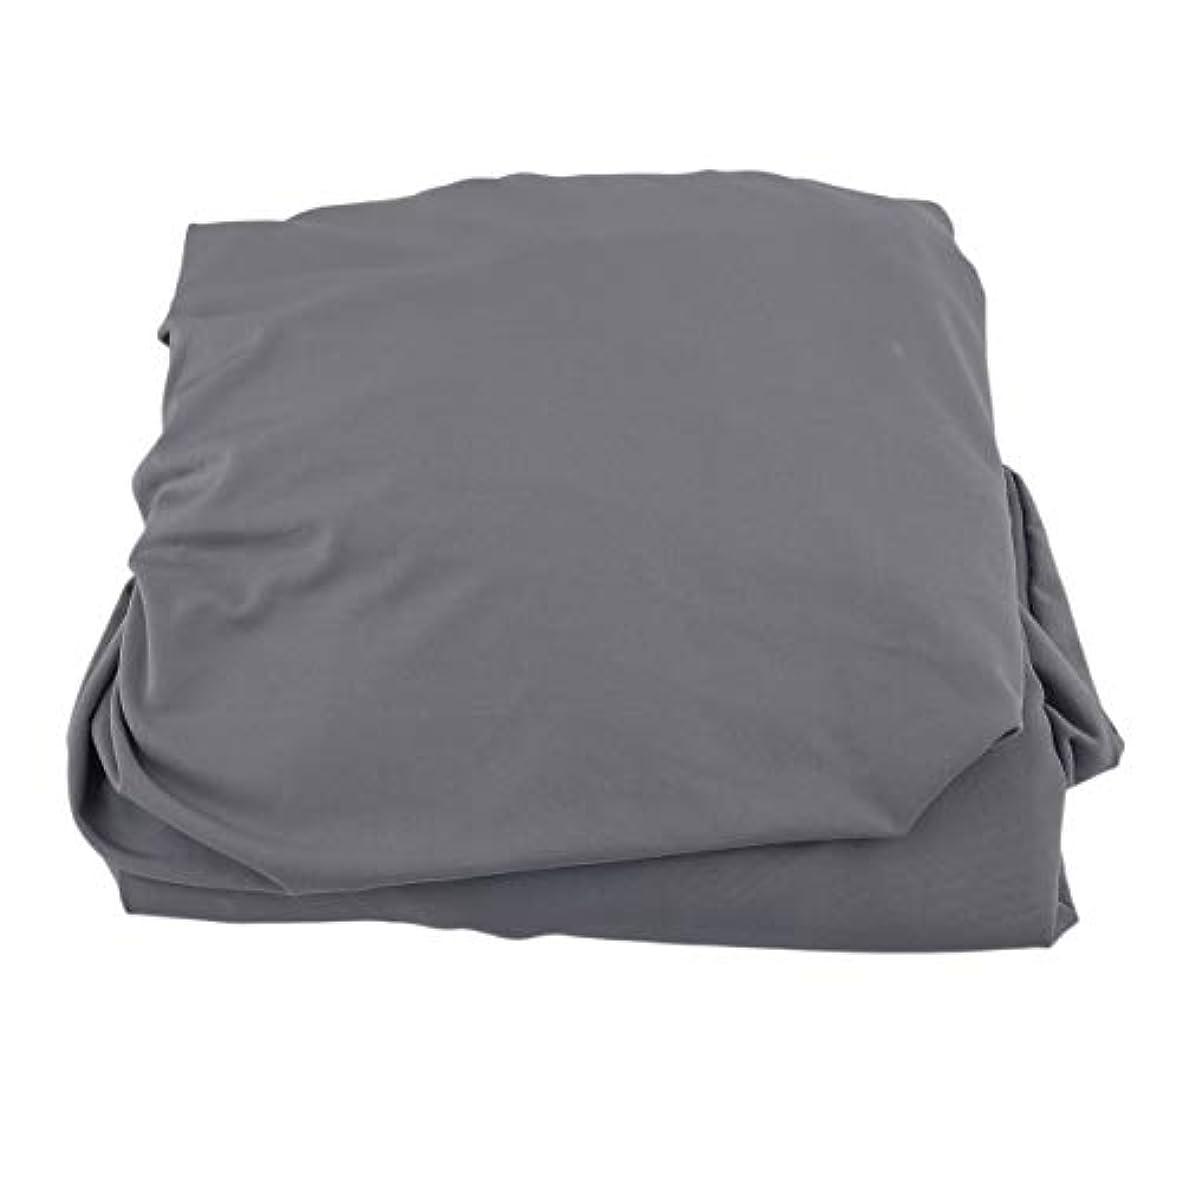 パウダーマウントパターンSaikogoods 弾性ポリエステルソファカバーピュアカラーストレッチ本のカバー柔軟な椅子Dustcoat耐久性のあるソファーカバー家具の布 グレー